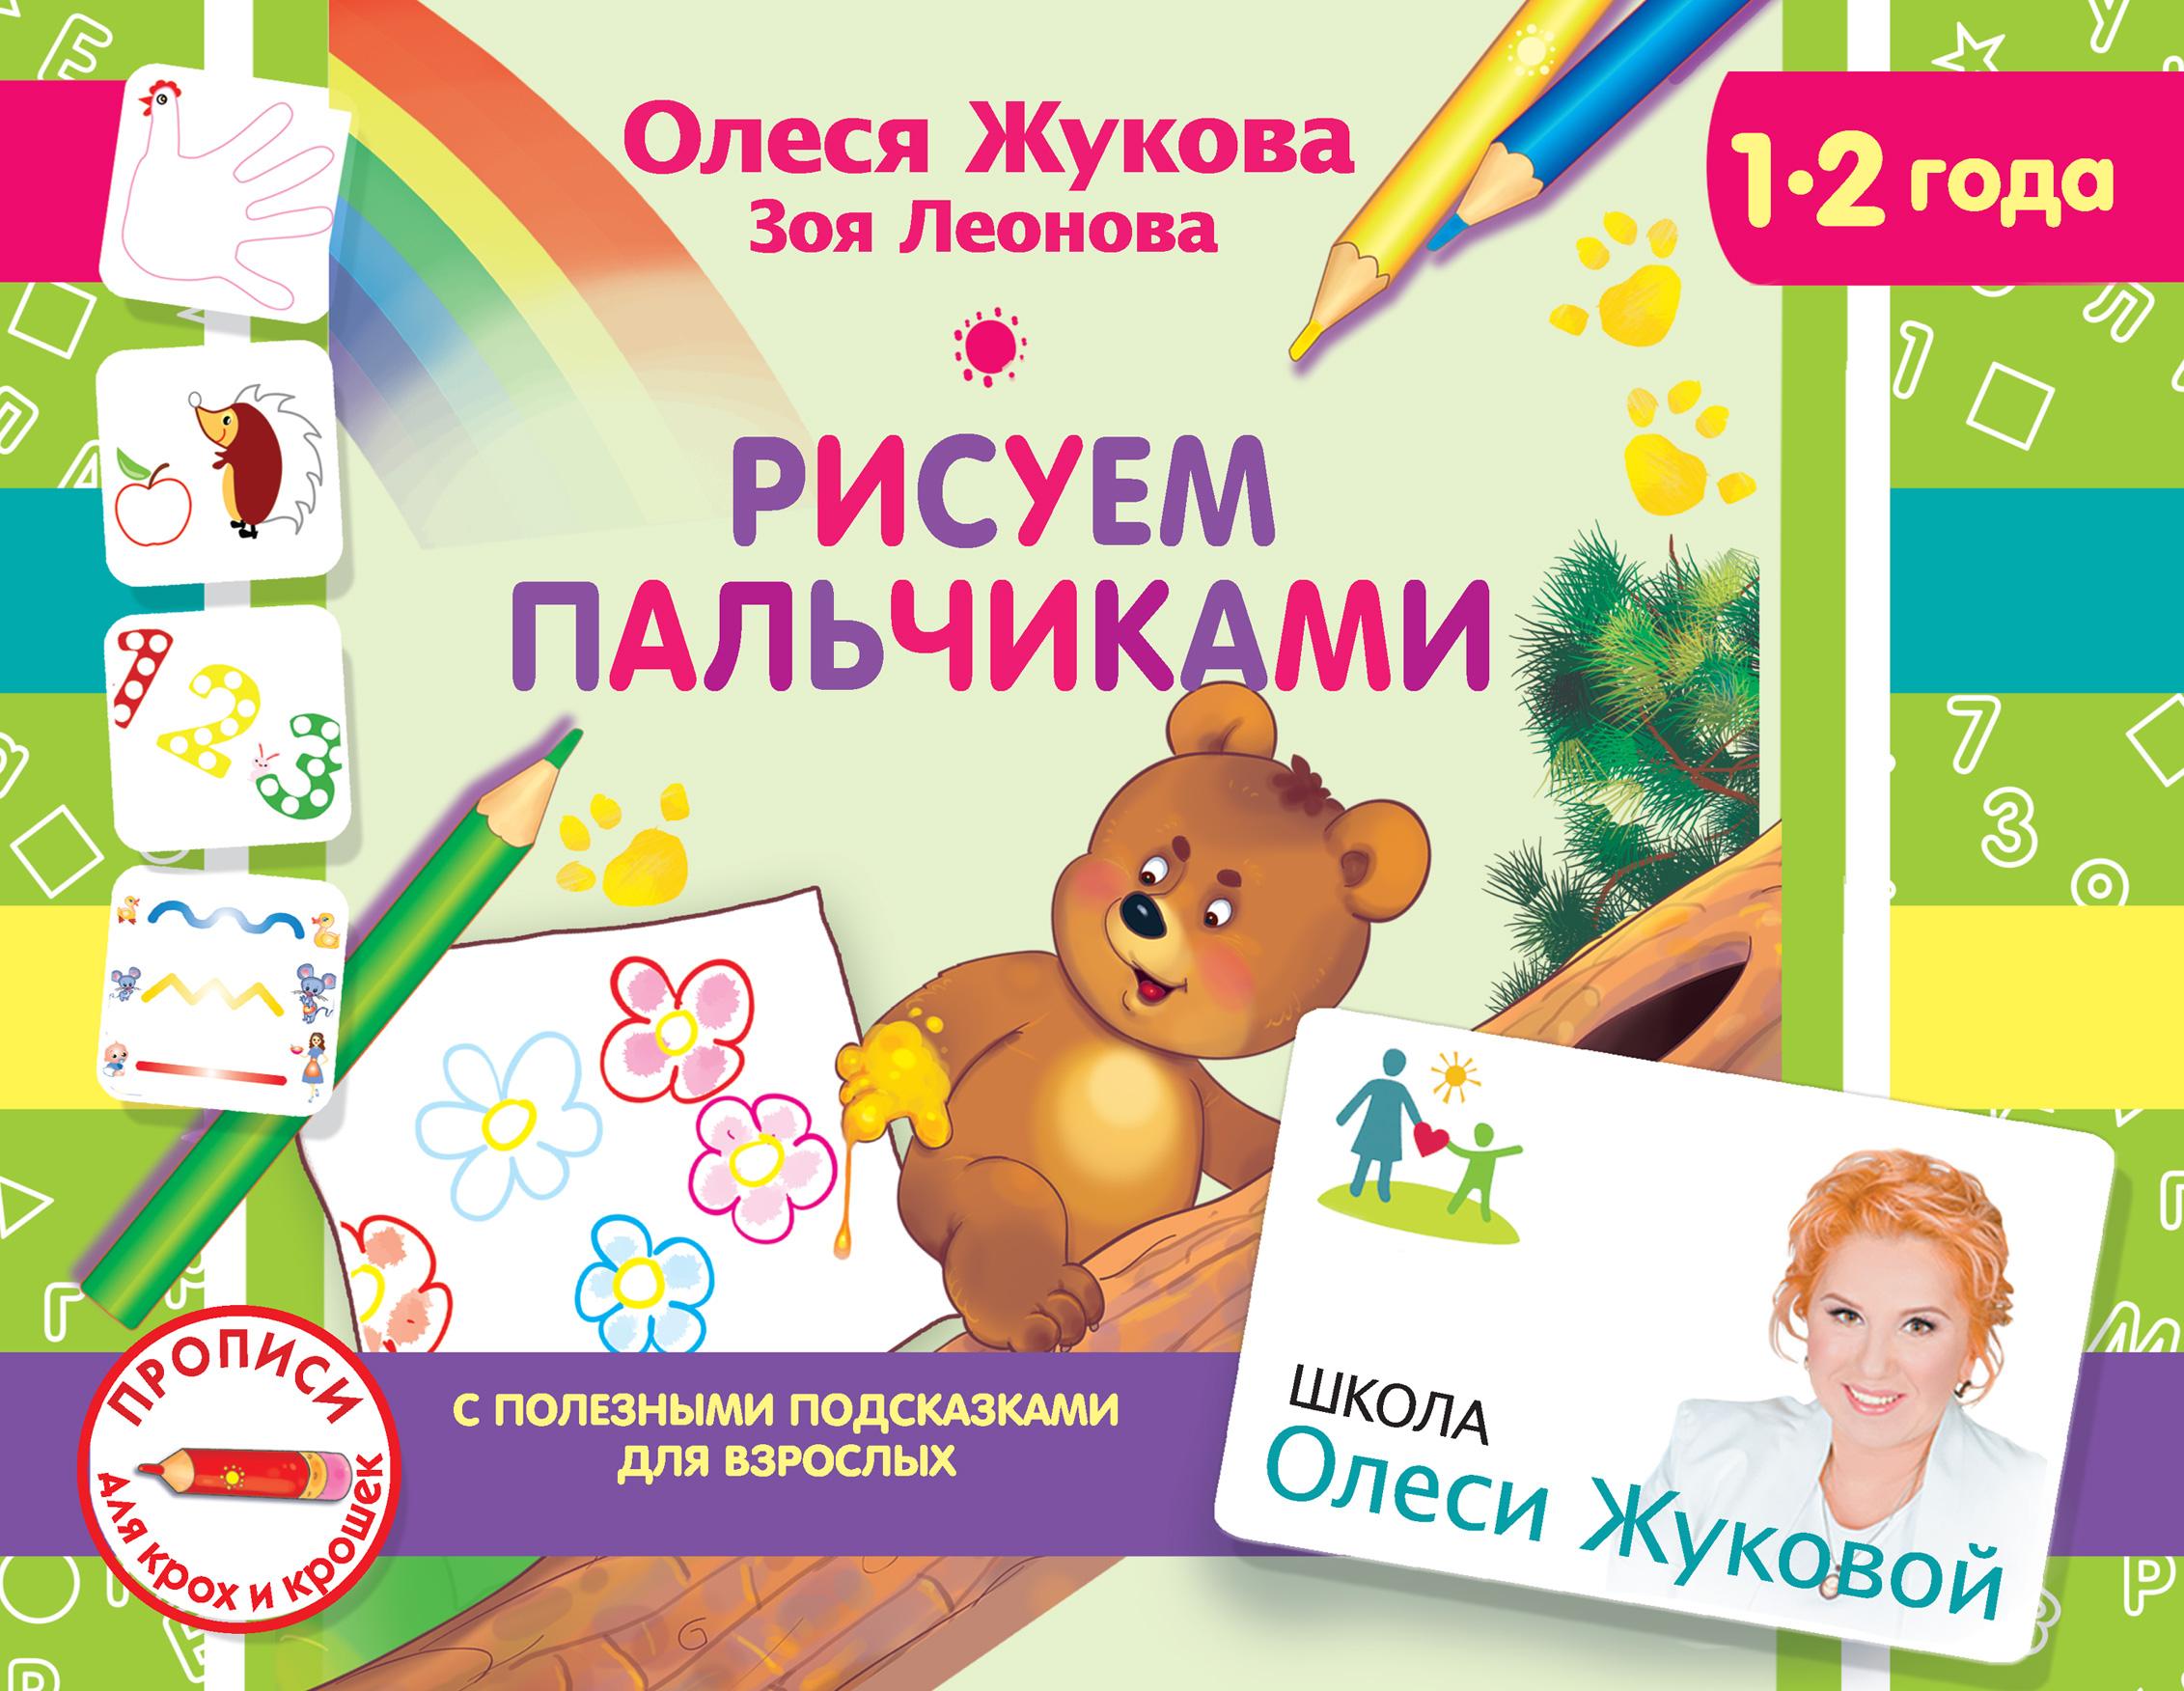 Олеся Жукова Рисуем пальчиками деркач т б веселые друзья рисуем пальчиками 3–4 года пособие для детей